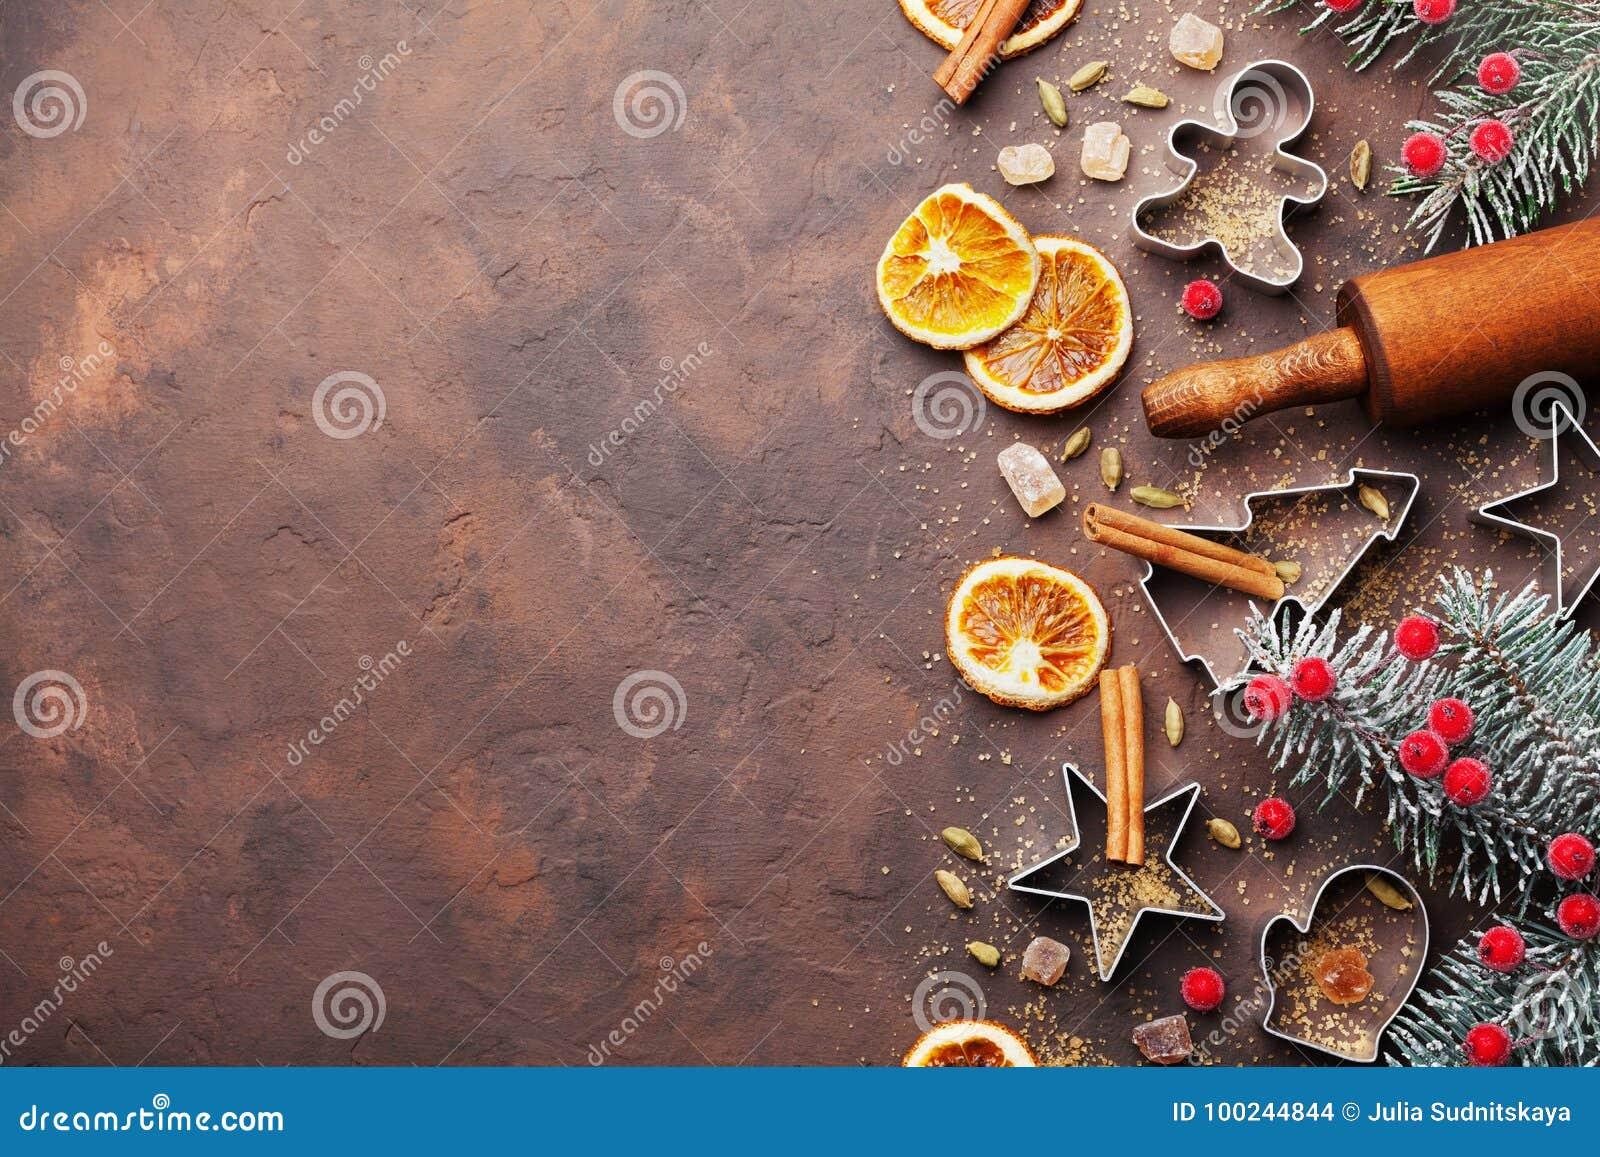 Предпосылка рождества праздника для печь печений с резцами, вращающей осью и специями на коричневом взгляде столешницы Скопируйте